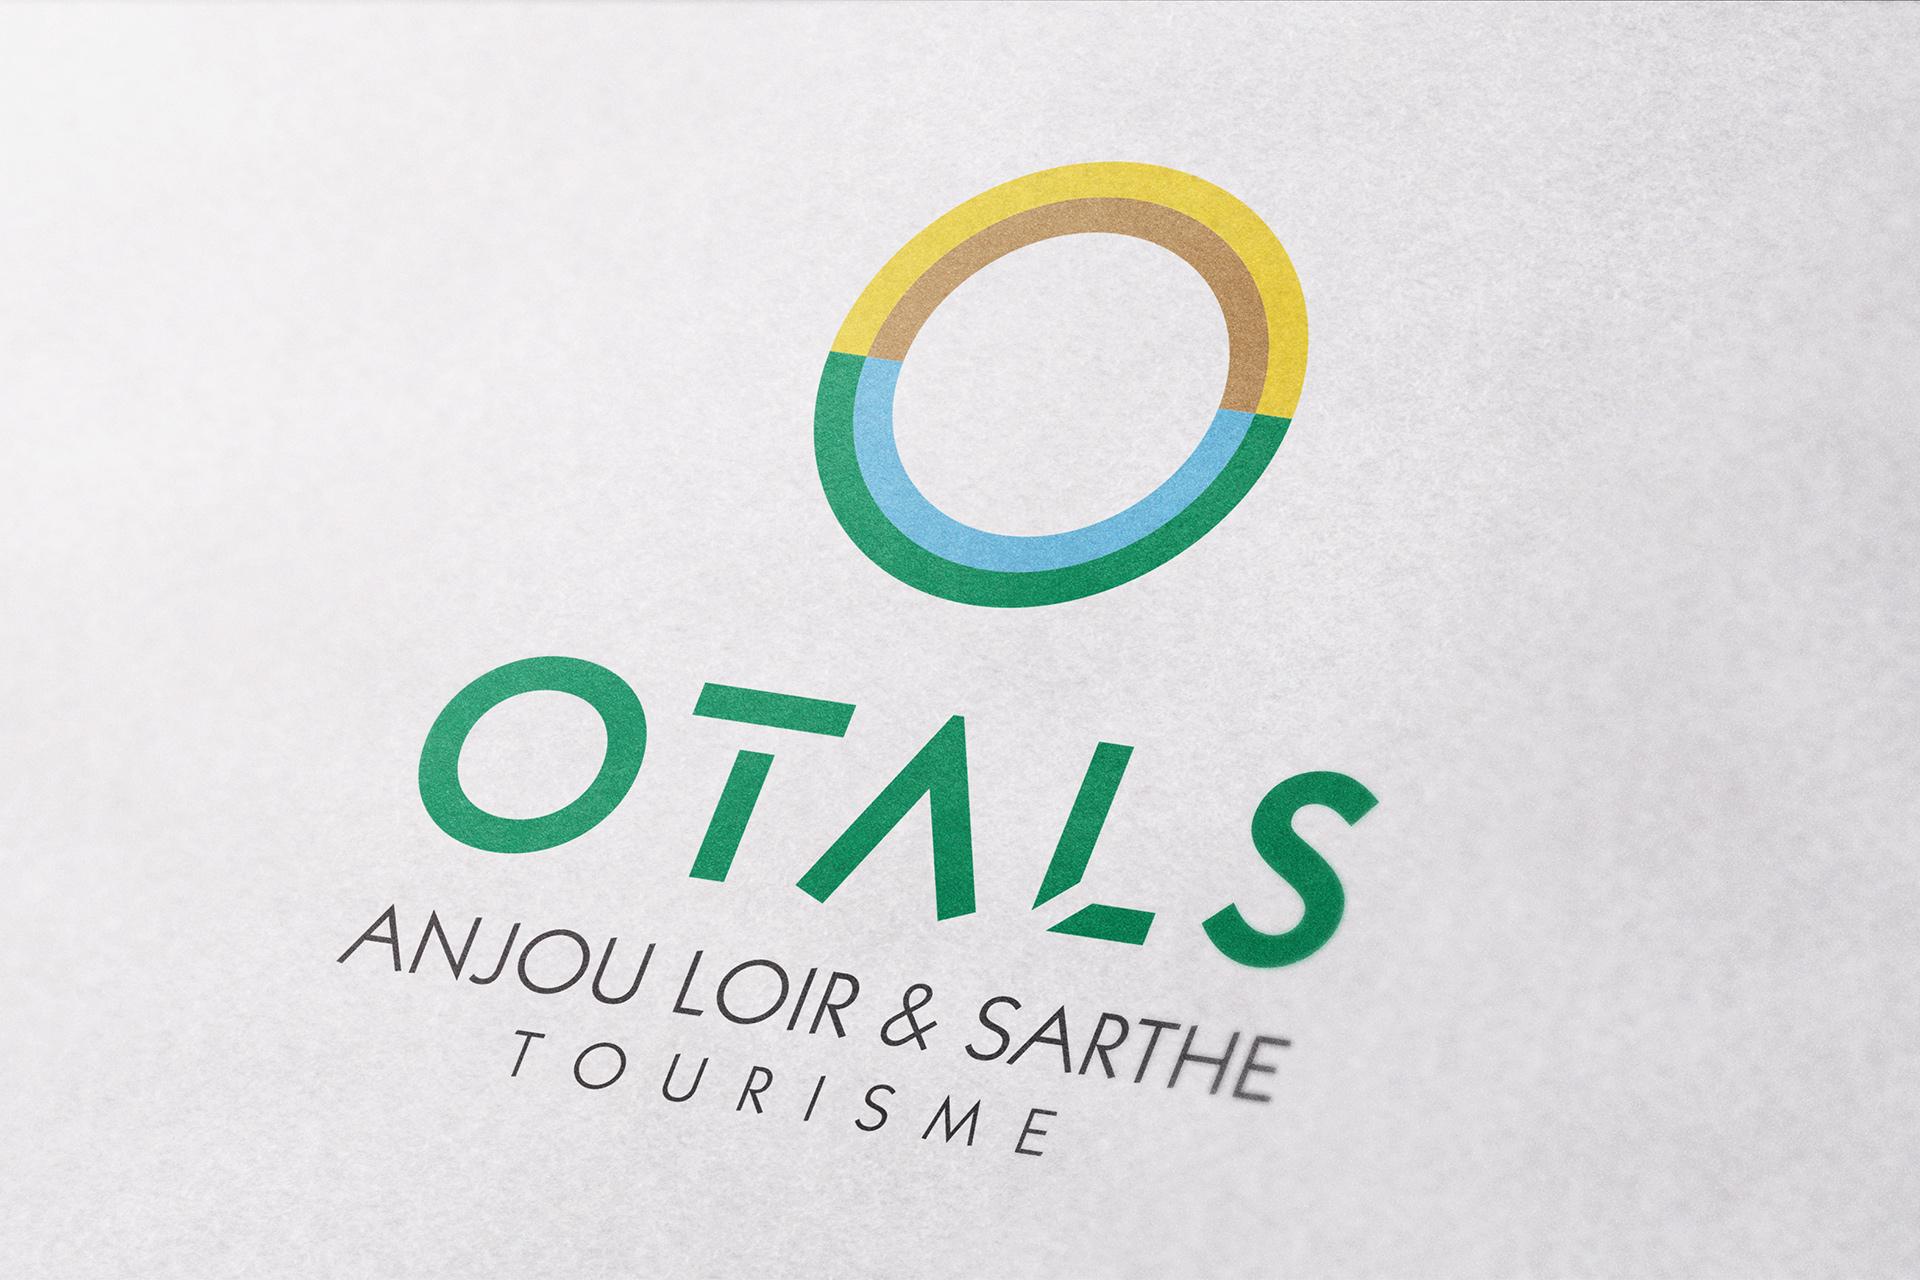 Refonte du logo Anjou Loir & Sarthe Tourisme OTALS_communication tourisme